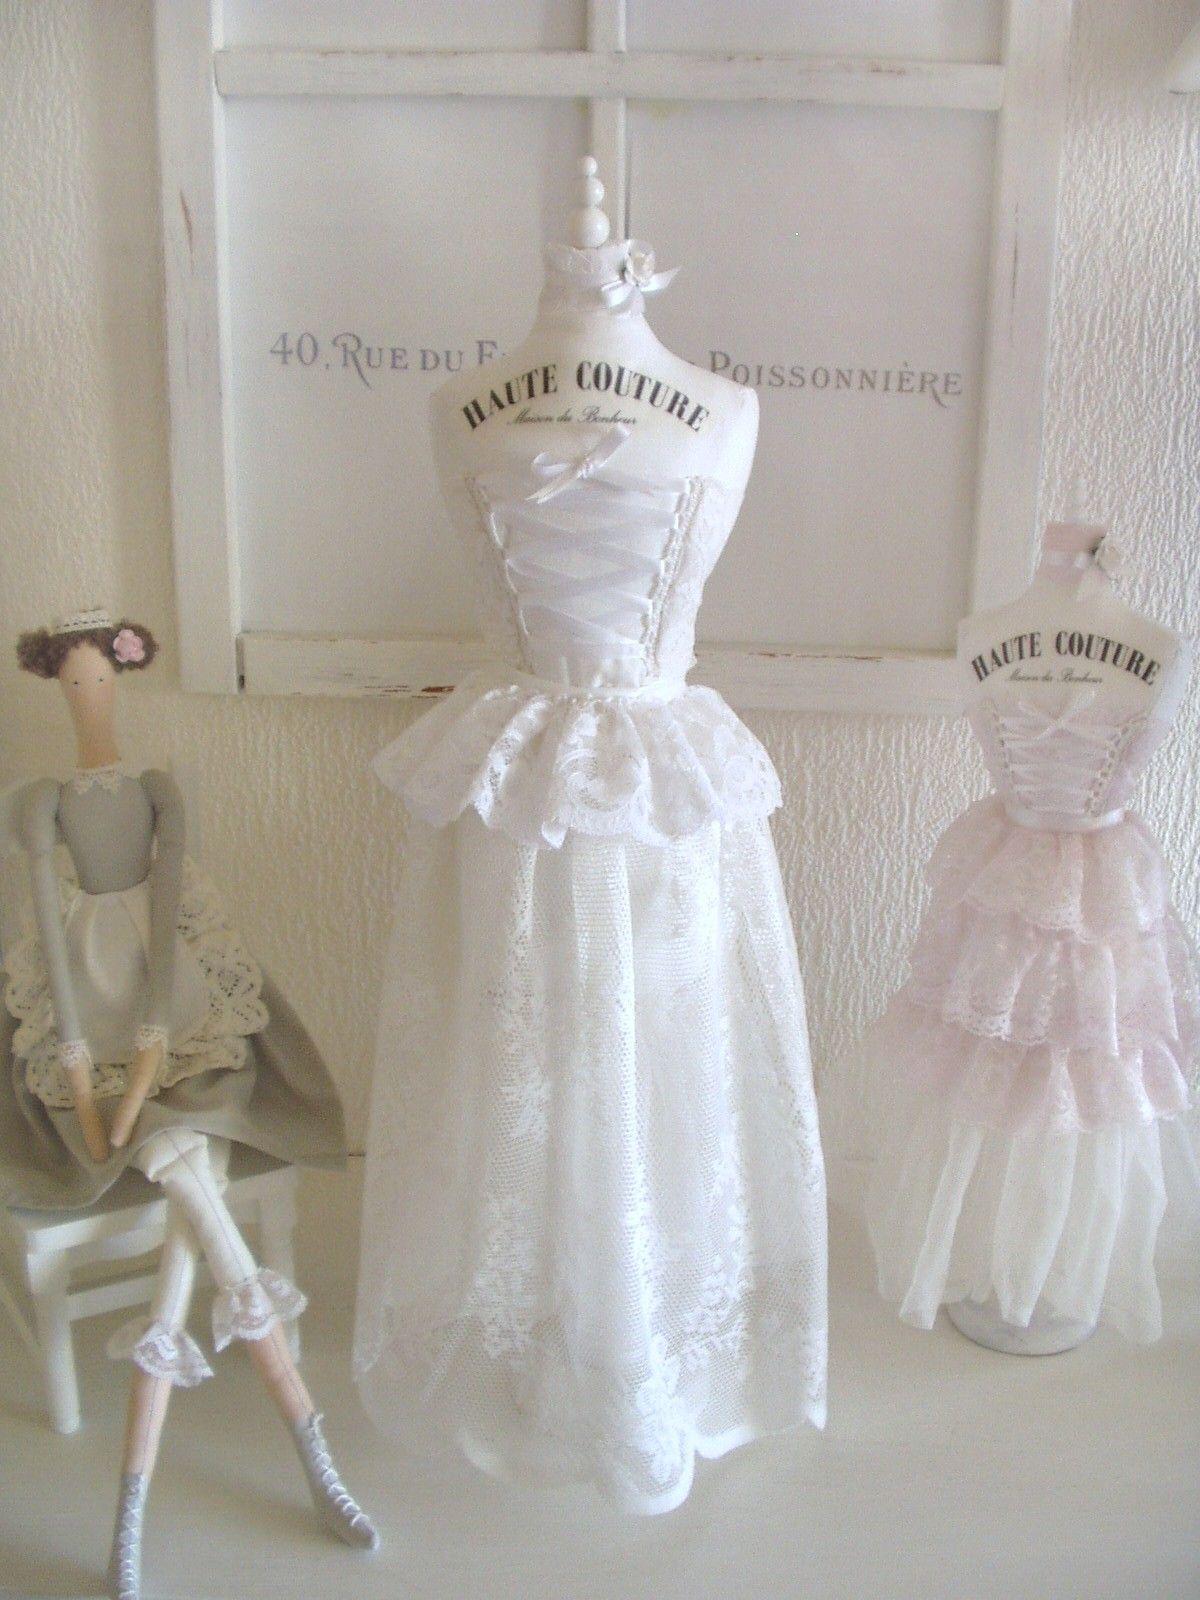 Fein Draht Kleid Form Schaufensterpuppe Bilder - Die Besten ...